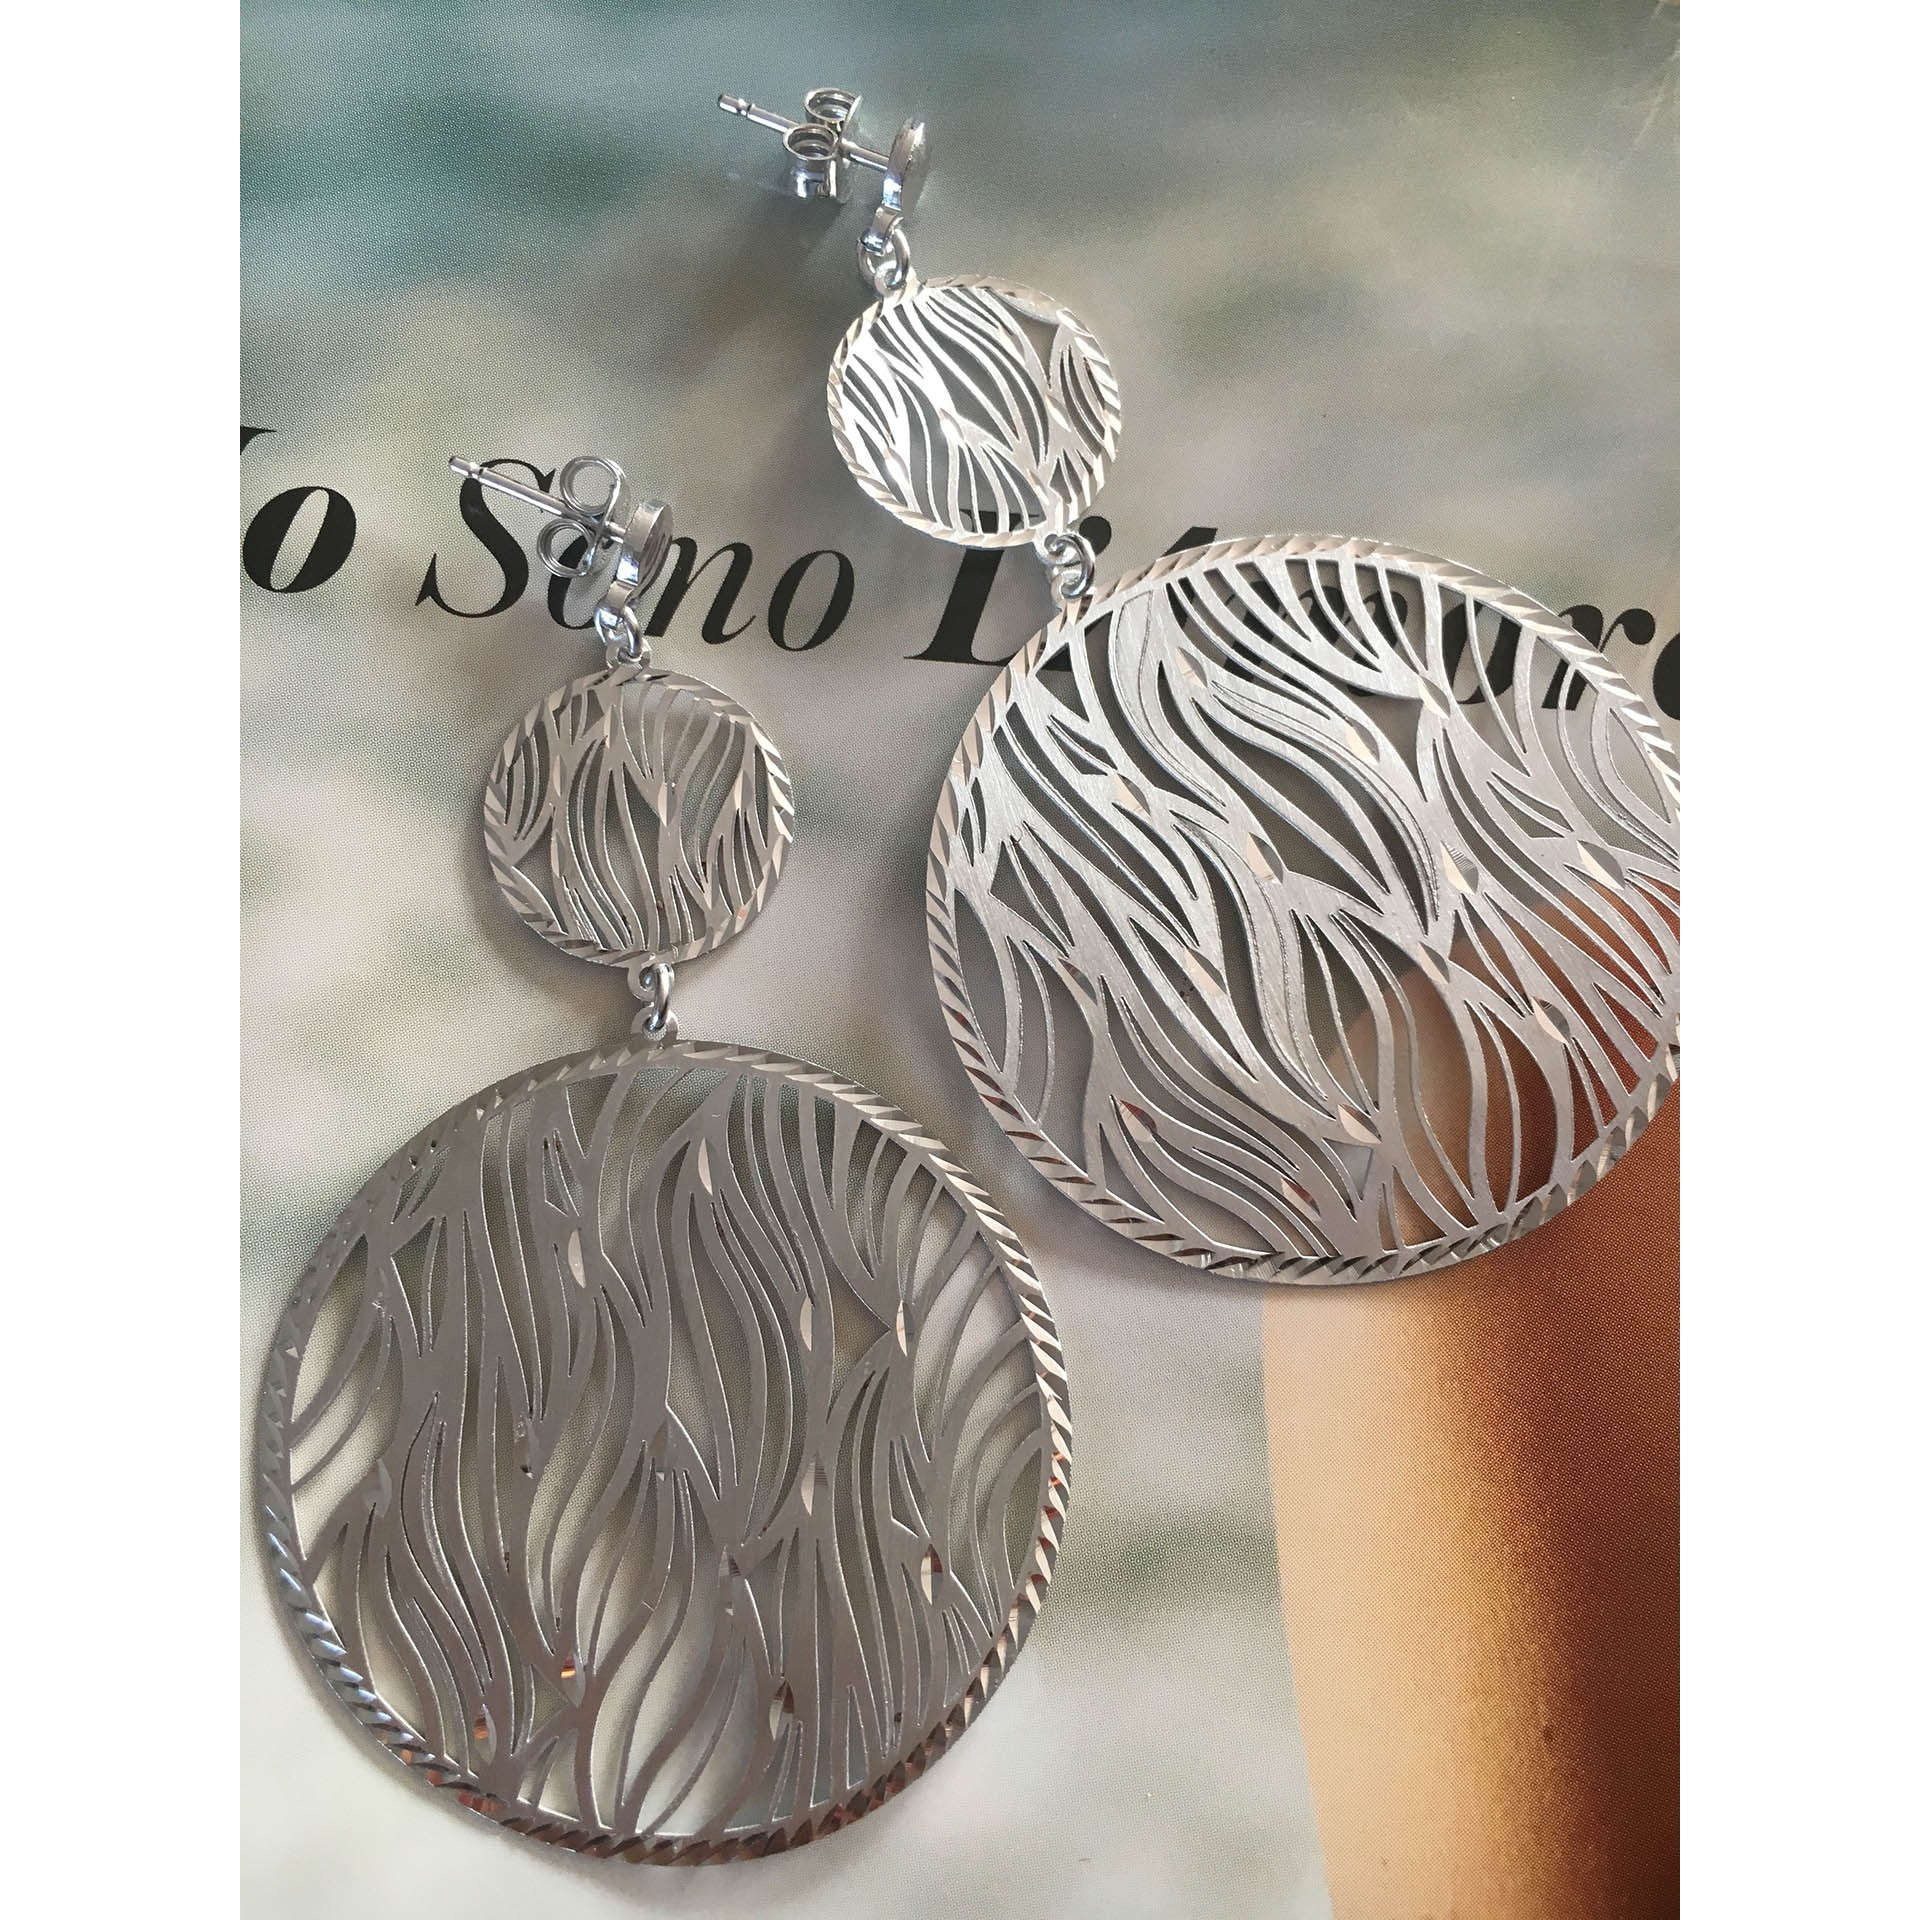 The Silver Zebra silver earrings